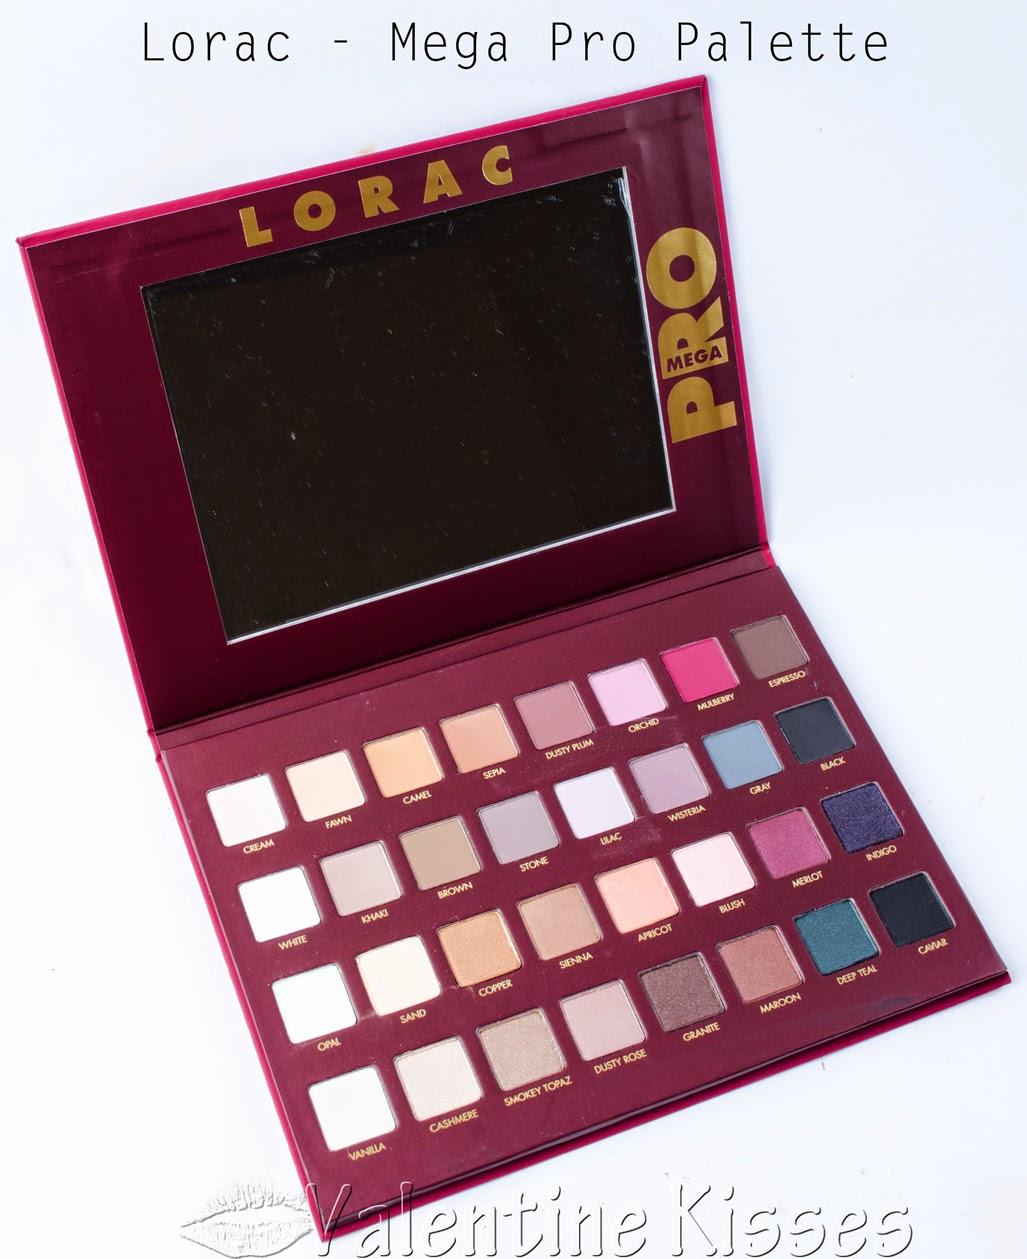 valentine kisses lorac mega pro palette swatches review